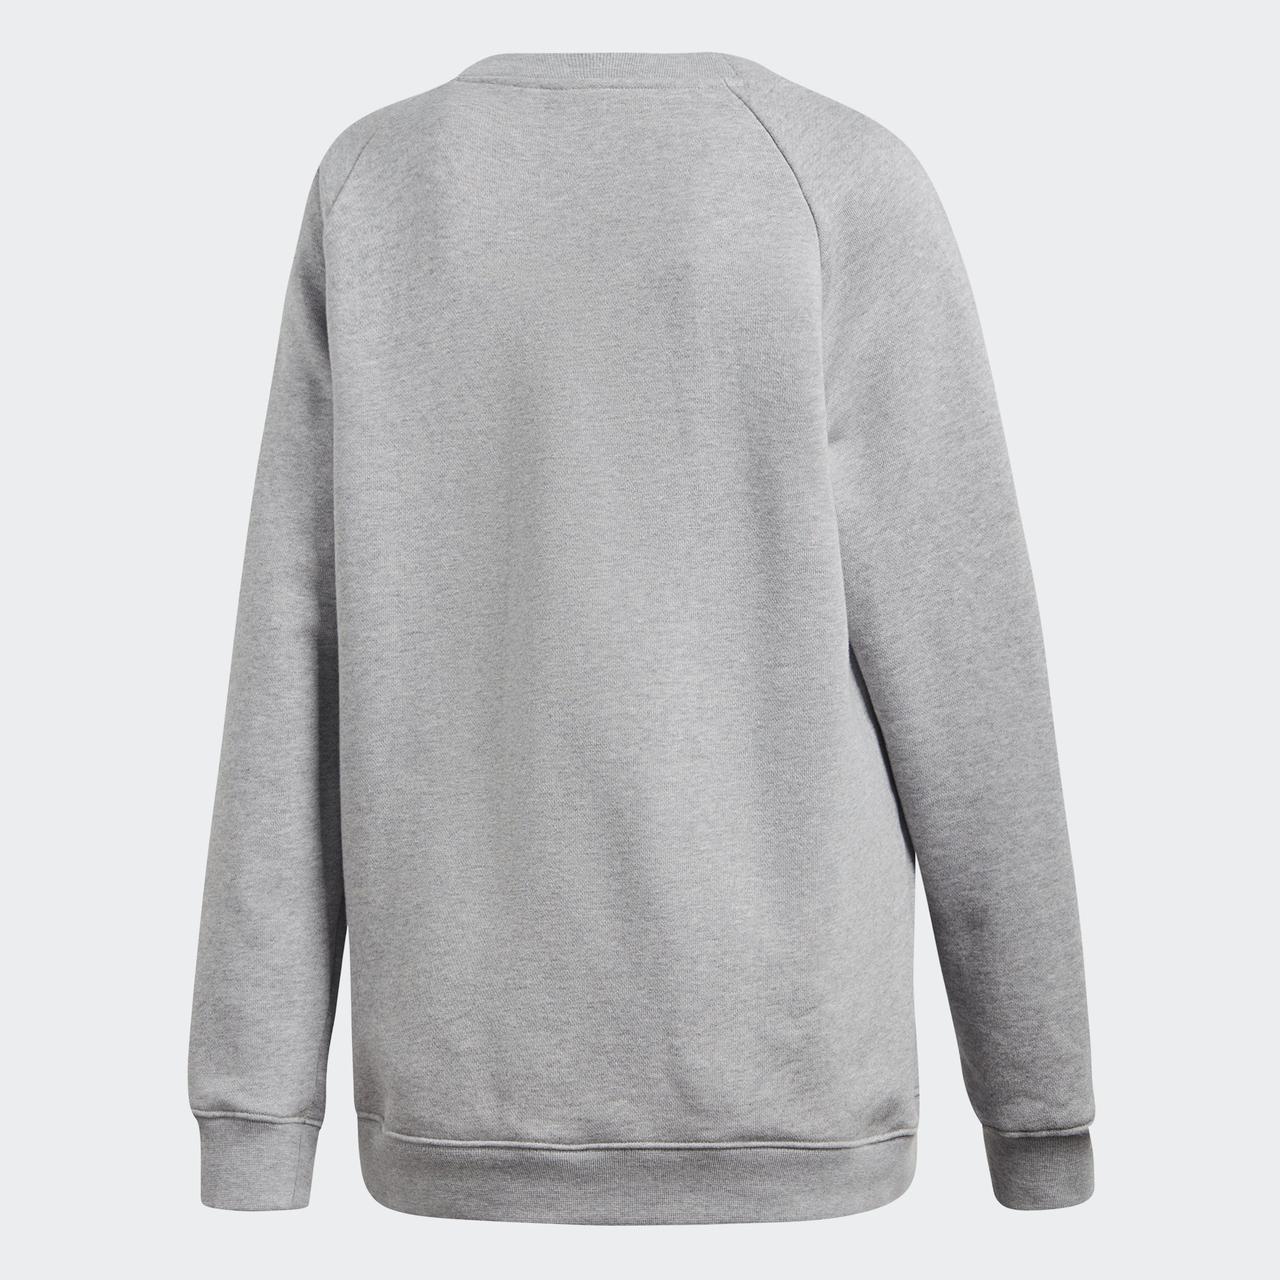 6e4a9553 ... Женская толстовка Adidas Originals Trefoil Oversize (Артикул: DH3125),  ...